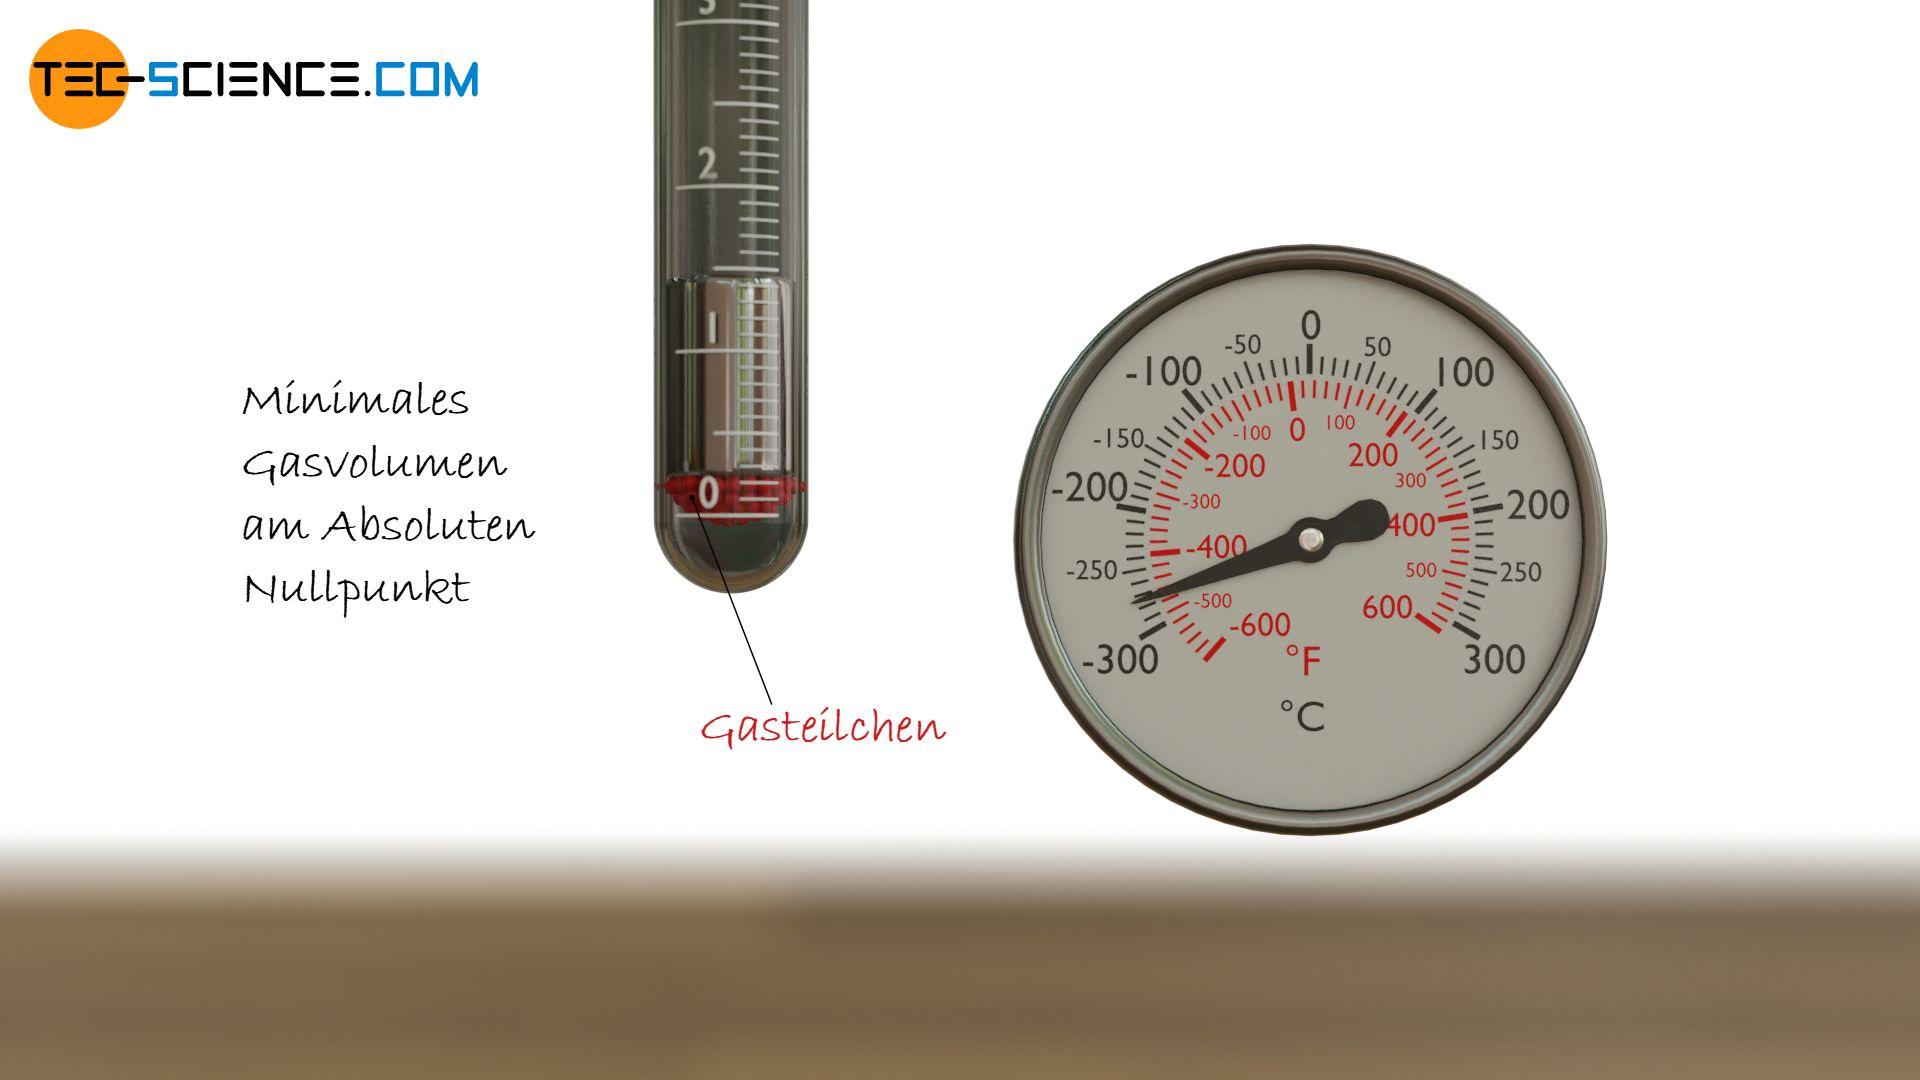 Minimales Gasvolumen am Absoluten Nullpunkt (schematisch)